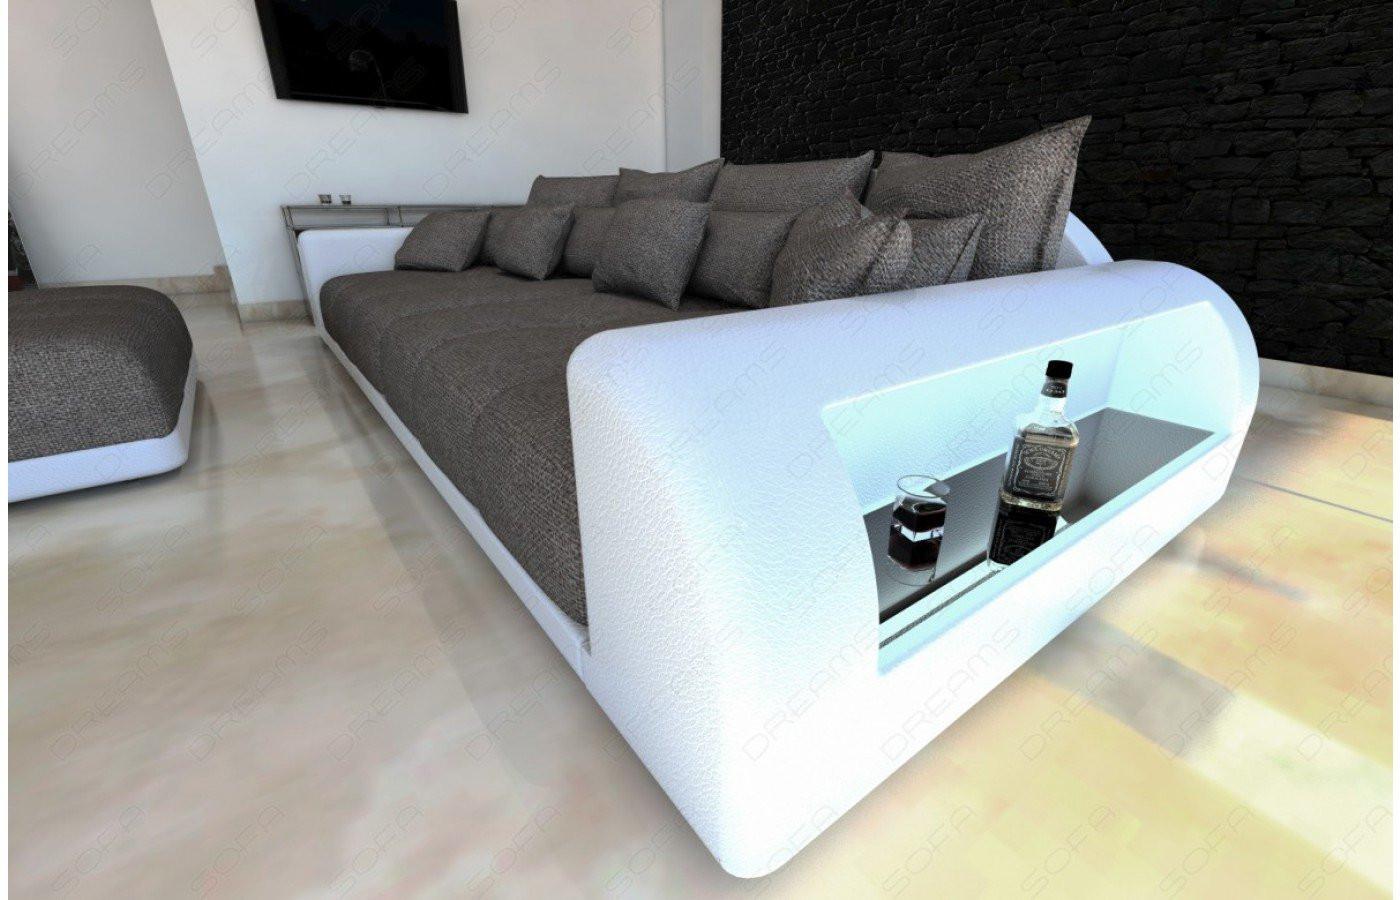 Big Sofa Günstig  big sofa günstig kaufen – Deutsche Dekor 2017 – line Kaufen